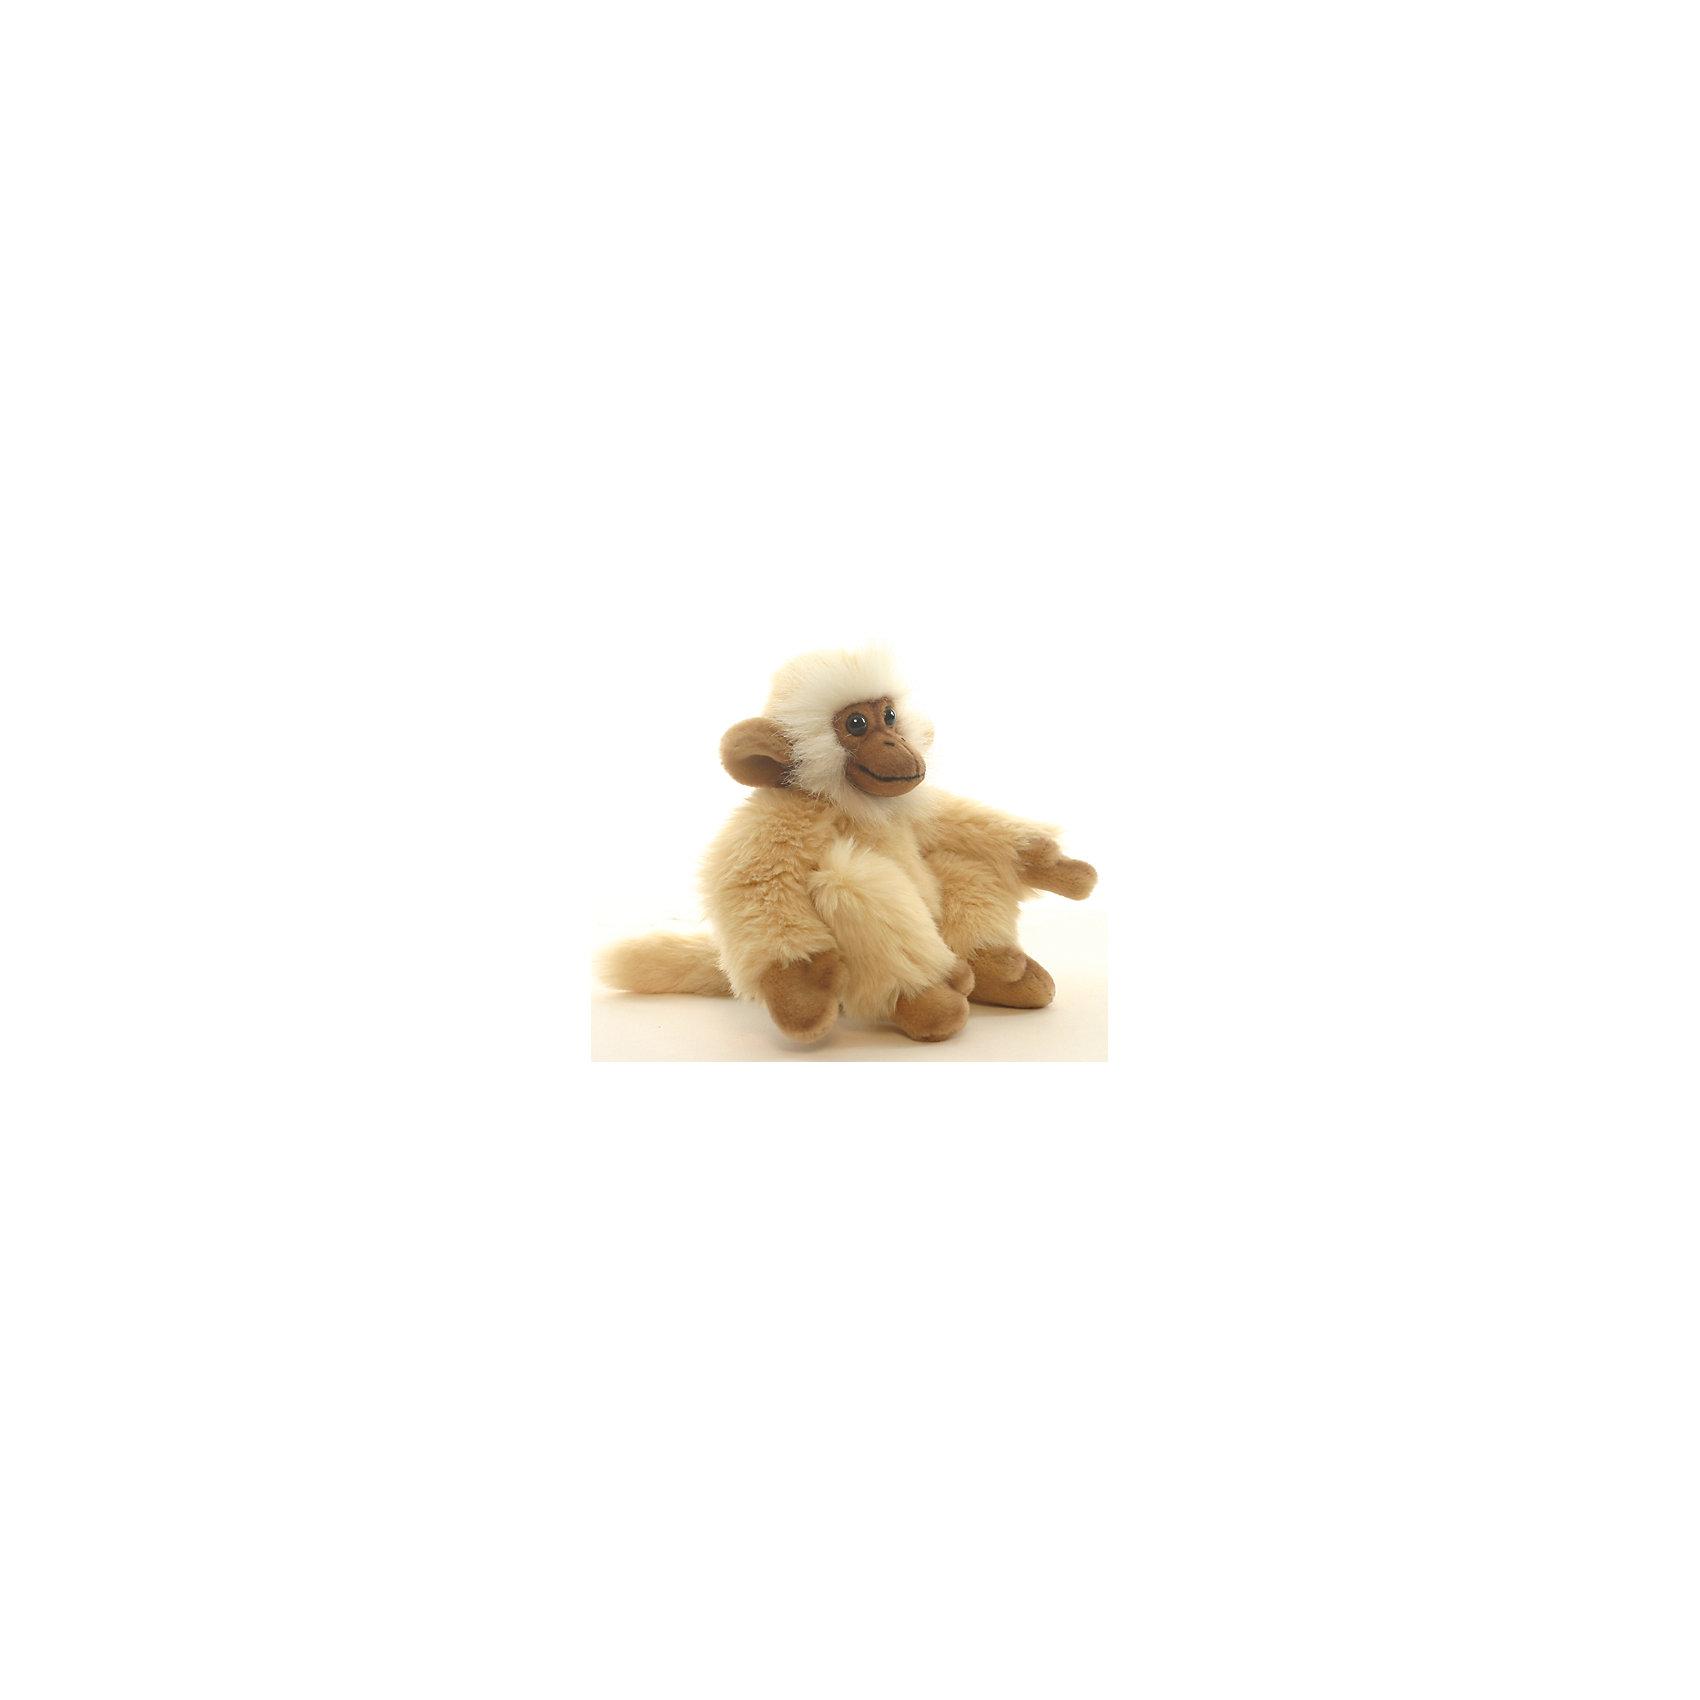 Обезьянка, 20 см, HansaМягкие игрушки животные<br>Обезьянка, Hansa  - чудесная мягкая игрушка, отличающаяся высоким качеством исполнения и реалистичностью, это настоящий маленький друг, которому будут рады дети любого возраста. Торговая марка Ханса пользуется большой популярностью во всем мире и завоевала множество международных призов. Все зверюшки шьются и набиваются вручную, в точности копируя оригинал. Благодаря искусной проработке всех деталей и тщательно соблюденным пропорциям игрушка выглядит как настоящий живой детеныш обезьянки. У нее очень мягкая, приятная на ощупь бежевая шерстка из высококачественного искусственного меха, лапки выполнены из нежного плюша. Трогательная мордочка с большими глазами, обрамленная белой шерсткой, никого не оставит равнодушным. Проволочный каркас внутри игрушки делает ее прочной и устойчивой и позволяет придавать различные позы. Игрушка выполнена из гипоаллергенных материалов и совершенно безопасна для детей. <br><br>Дополнительная информация:<br><br>- Материал: искусственный мех, плюш, наполнитель, пластик, металлический гибкий каркас. <br>- Размер игрушки: 20 см.<br>- Размер упаковки: 15 х 17 х 20 см.<br>- Вес: 110 гр.<br><br>Обезьянку, Hansa, можно купить в нашем интернет-магазине.<br><br>Ширина мм: 150<br>Глубина мм: 170<br>Высота мм: 200<br>Вес г: 110<br>Возраст от месяцев: 36<br>Возраст до месяцев: 144<br>Пол: Унисекс<br>Возраст: Детский<br>SKU: 4230124